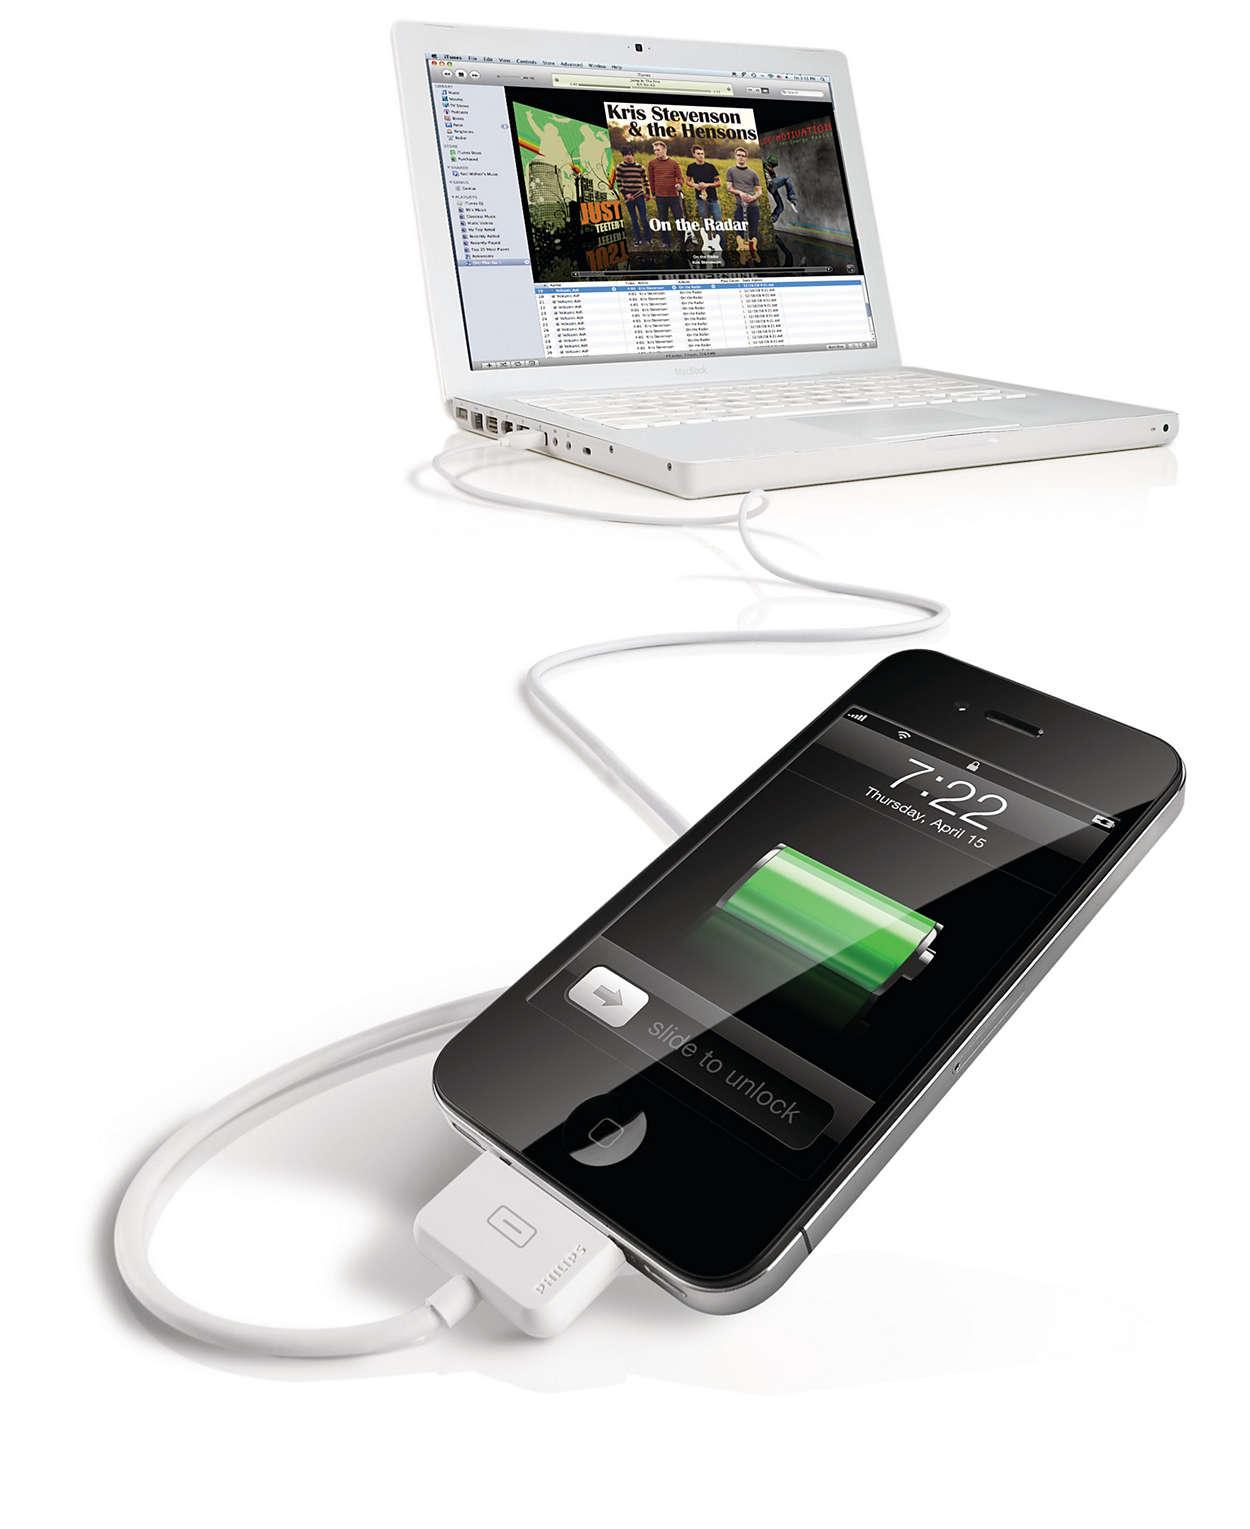 USB ile bilgisayarınıza bağlayın